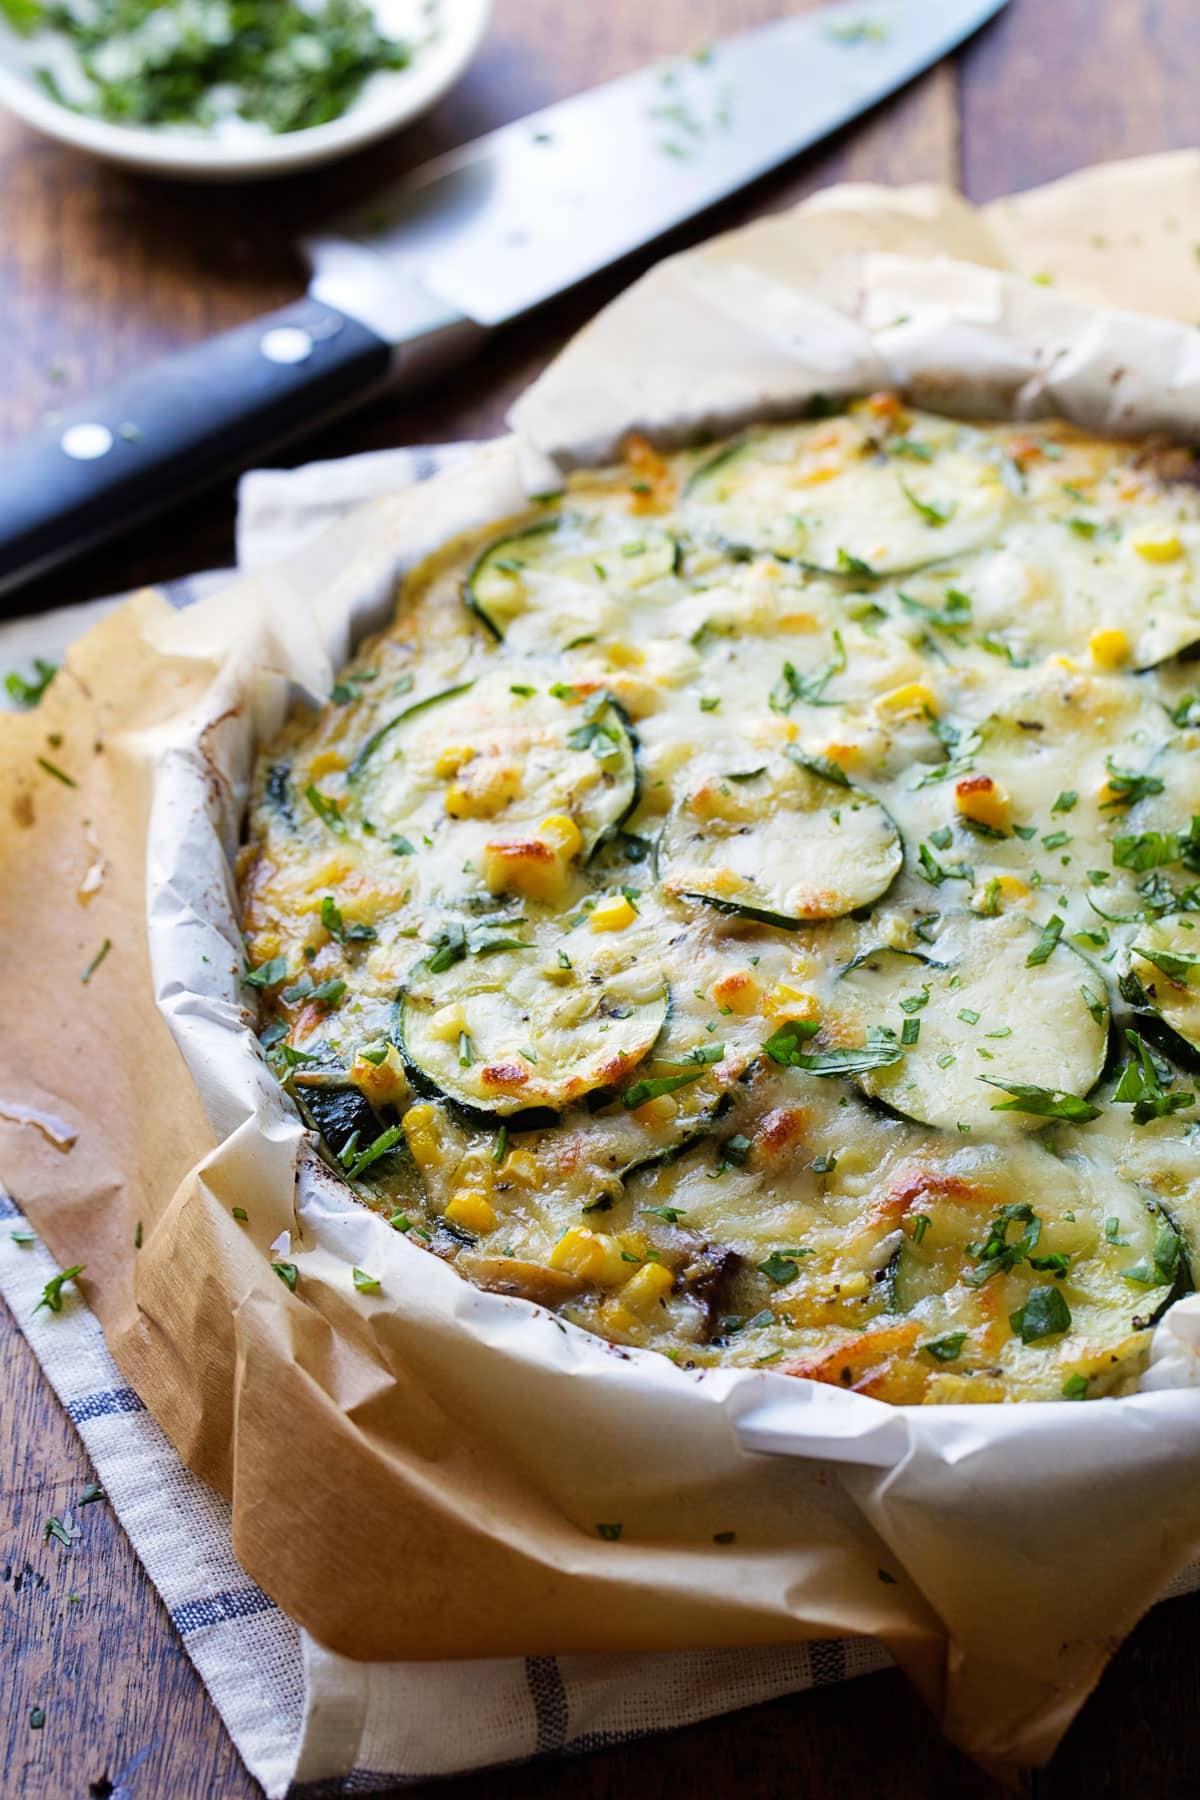 Μια καλοκαιρινή τάρτα με κολοκυθάκια που θα σε ξετρελάνει Ακολούθησε την παρακάτω συνταγή και θα φτιάξεις γρήγορα ένα γευστικό και άκρως καλοκαιρινό πιάτο για το επόμενο τραπέζι σου.